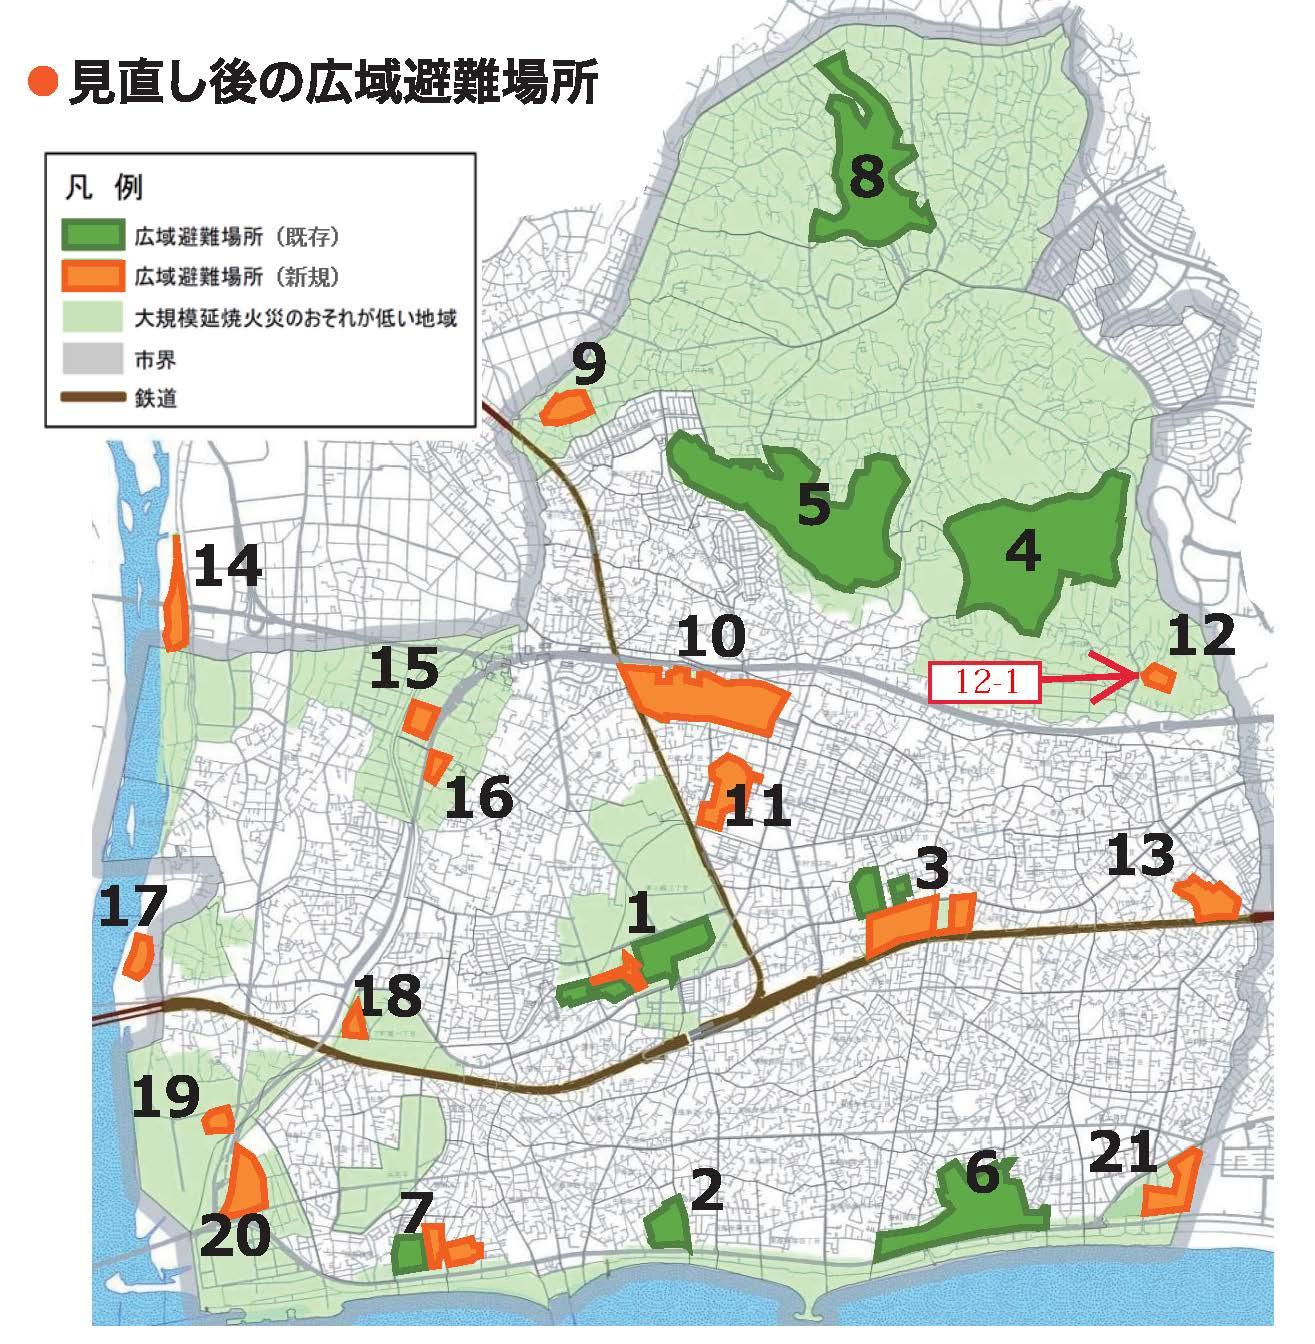 12-1.広域避難場所_茅ヶ崎市地図